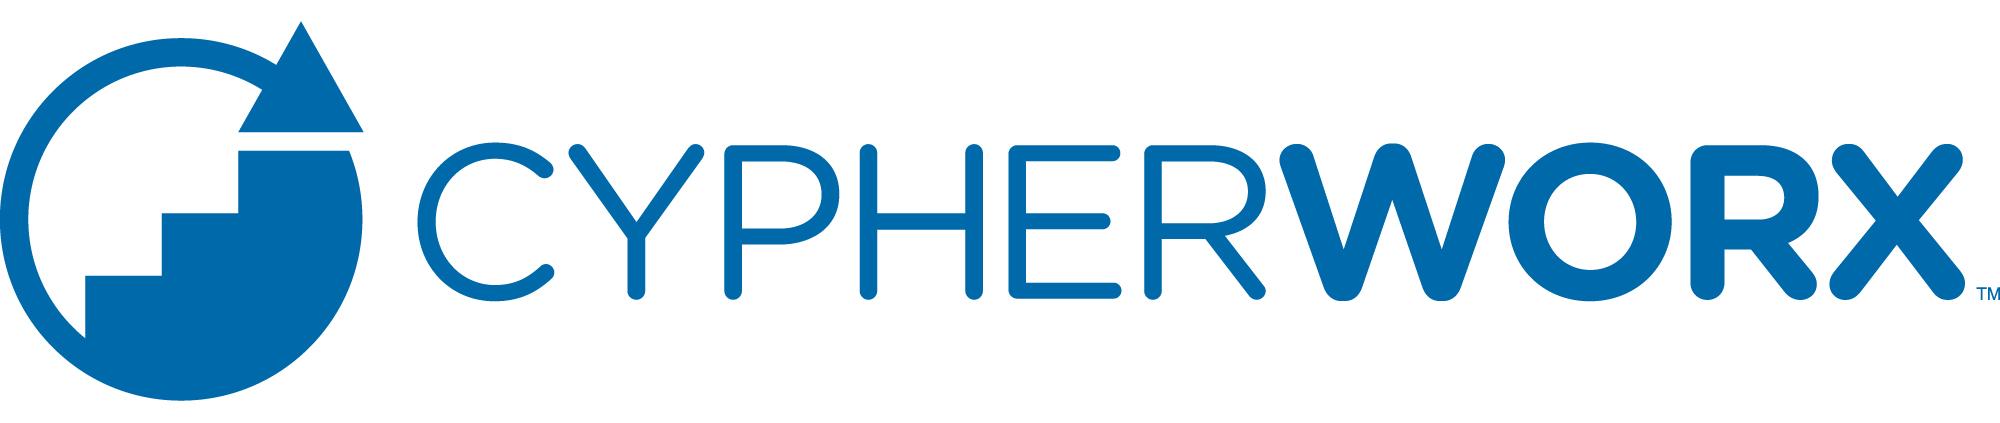 Cypherworx logo